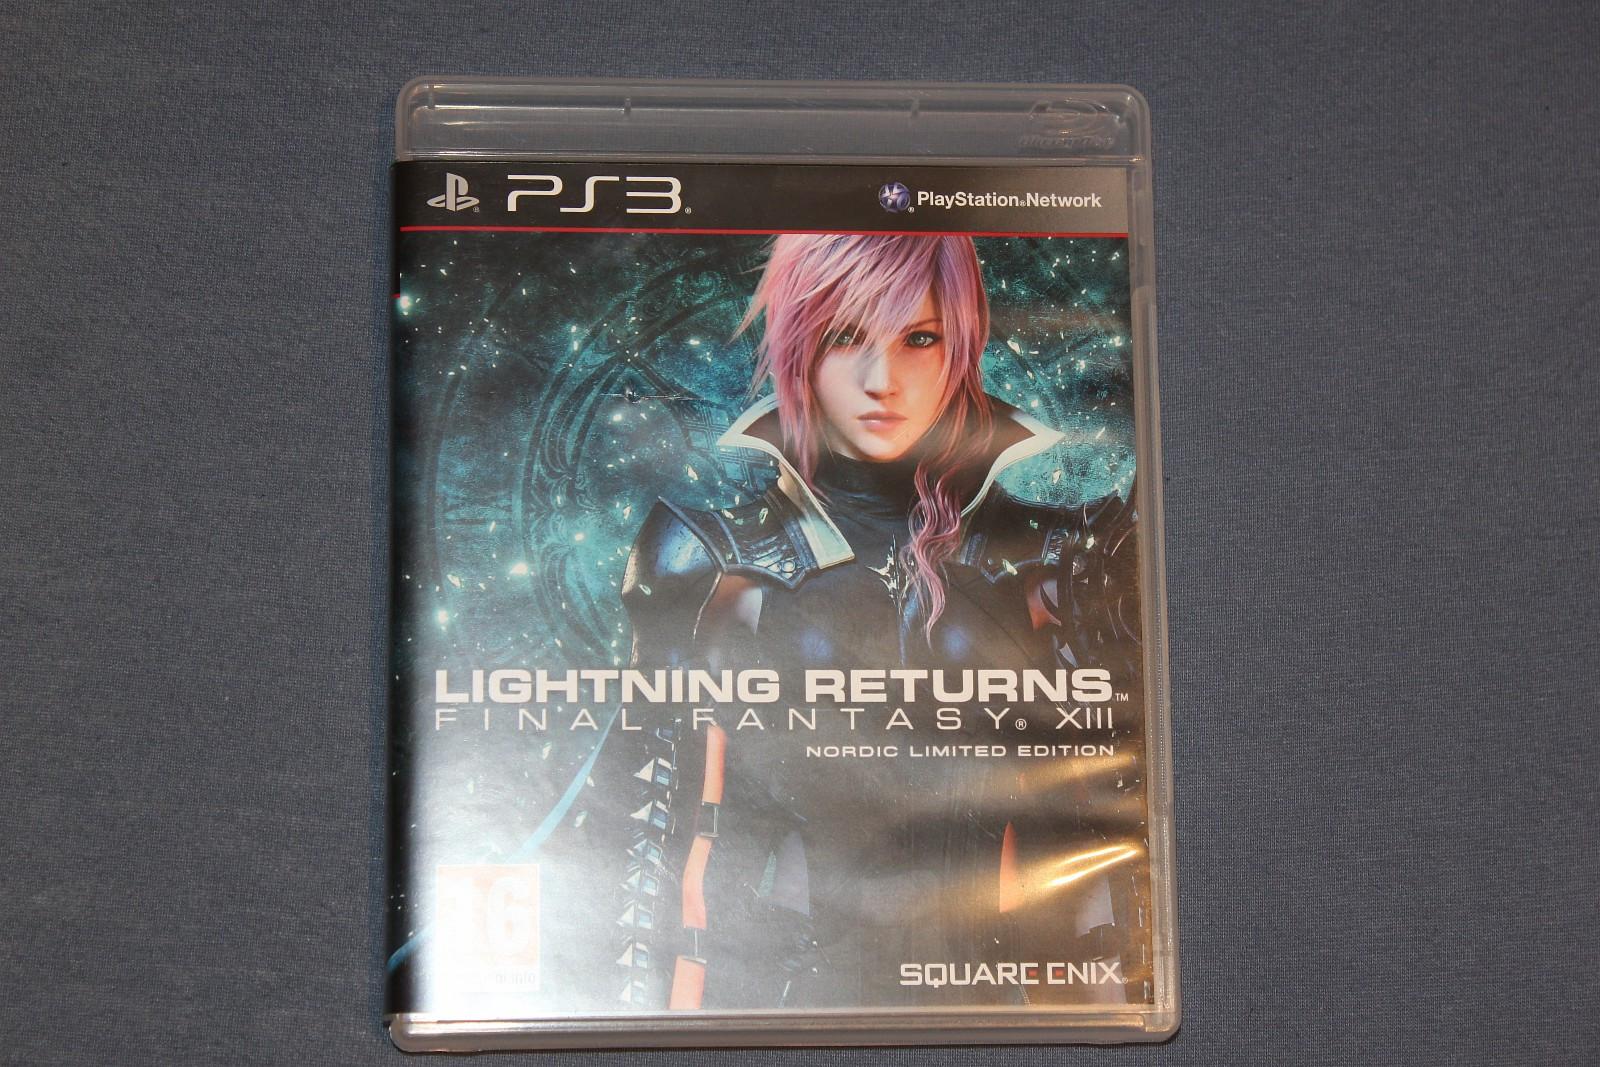 Final Fantasy XIII Lightning Returns - Sandnes  - Final Fantasy XIII er helt nytt. jeg har tatt av plastikken, men jeg har egentlig aldri spilt det. jeg har aldri fått spilt det siden jeg liker egentlig ikke final fantasy, så hvis dere lurer på hvorfor jeg har det så er det begrunn av at j - Sandnes